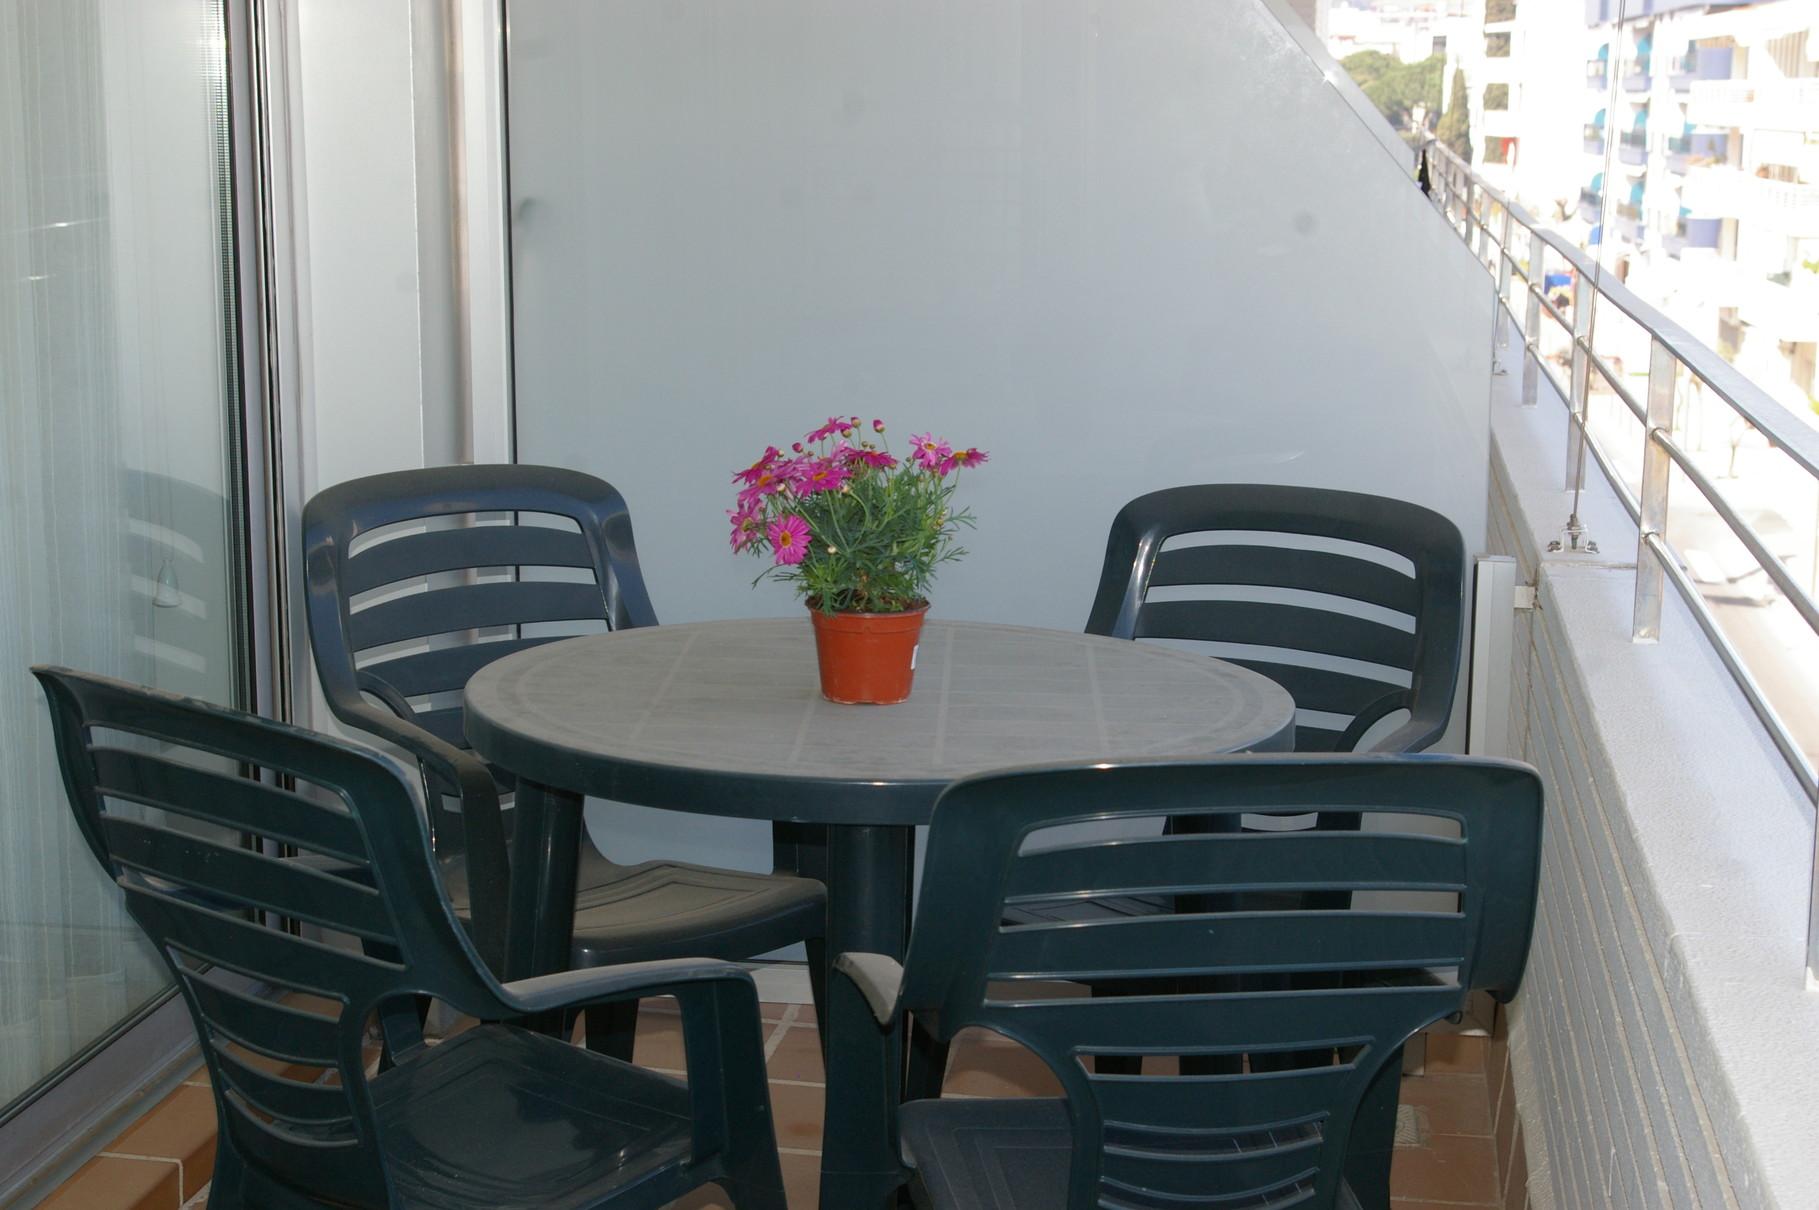 Table sur la terrasse